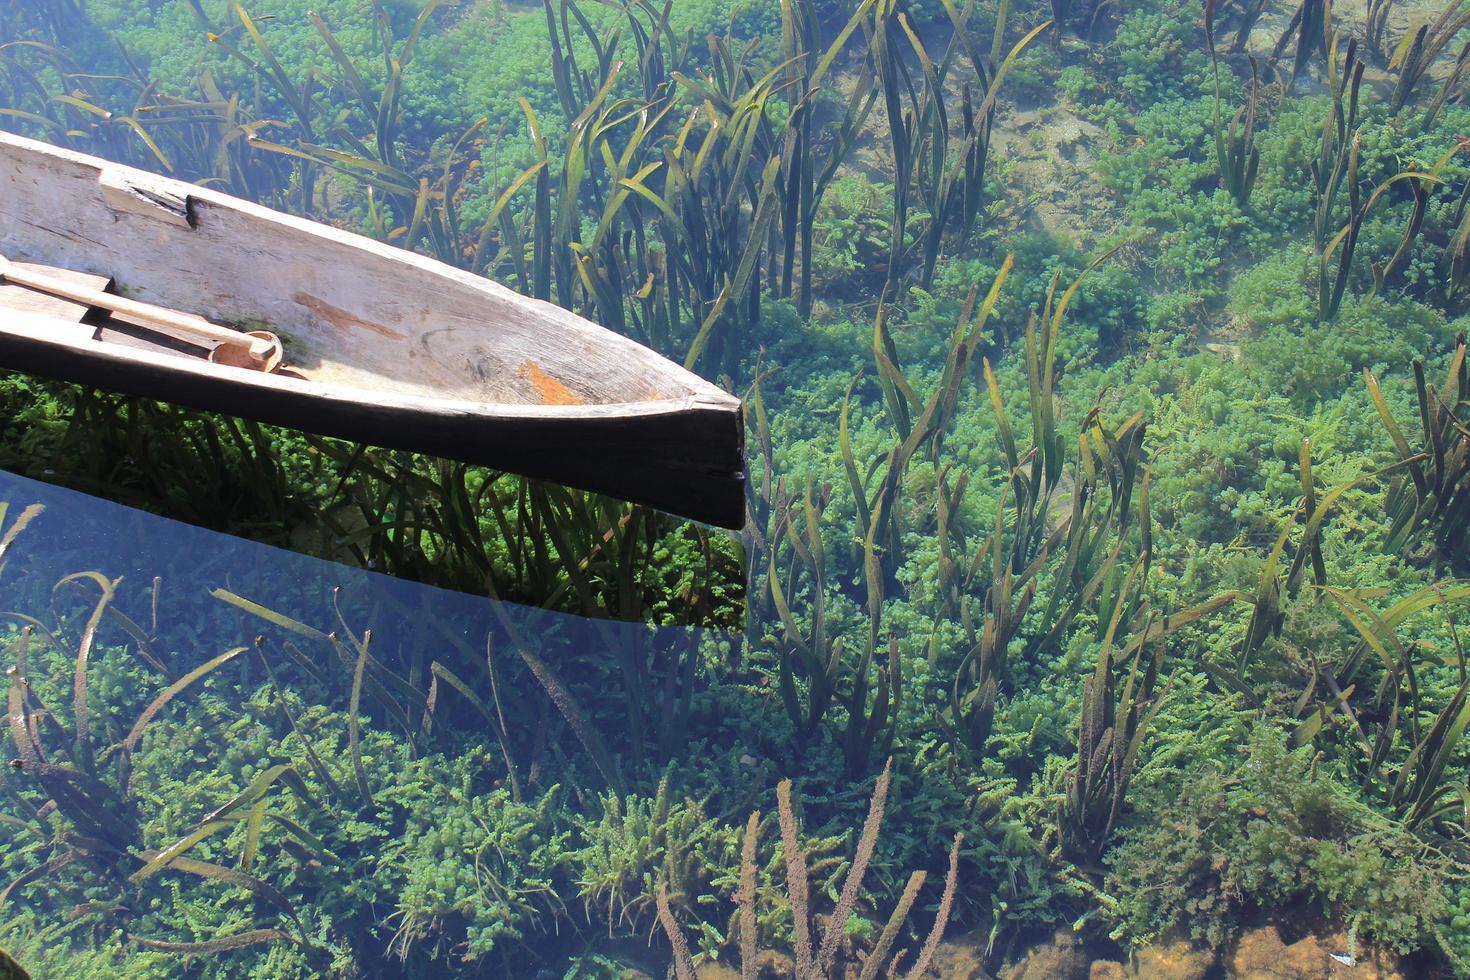 canoa di legno sul corpo d'acqua foto